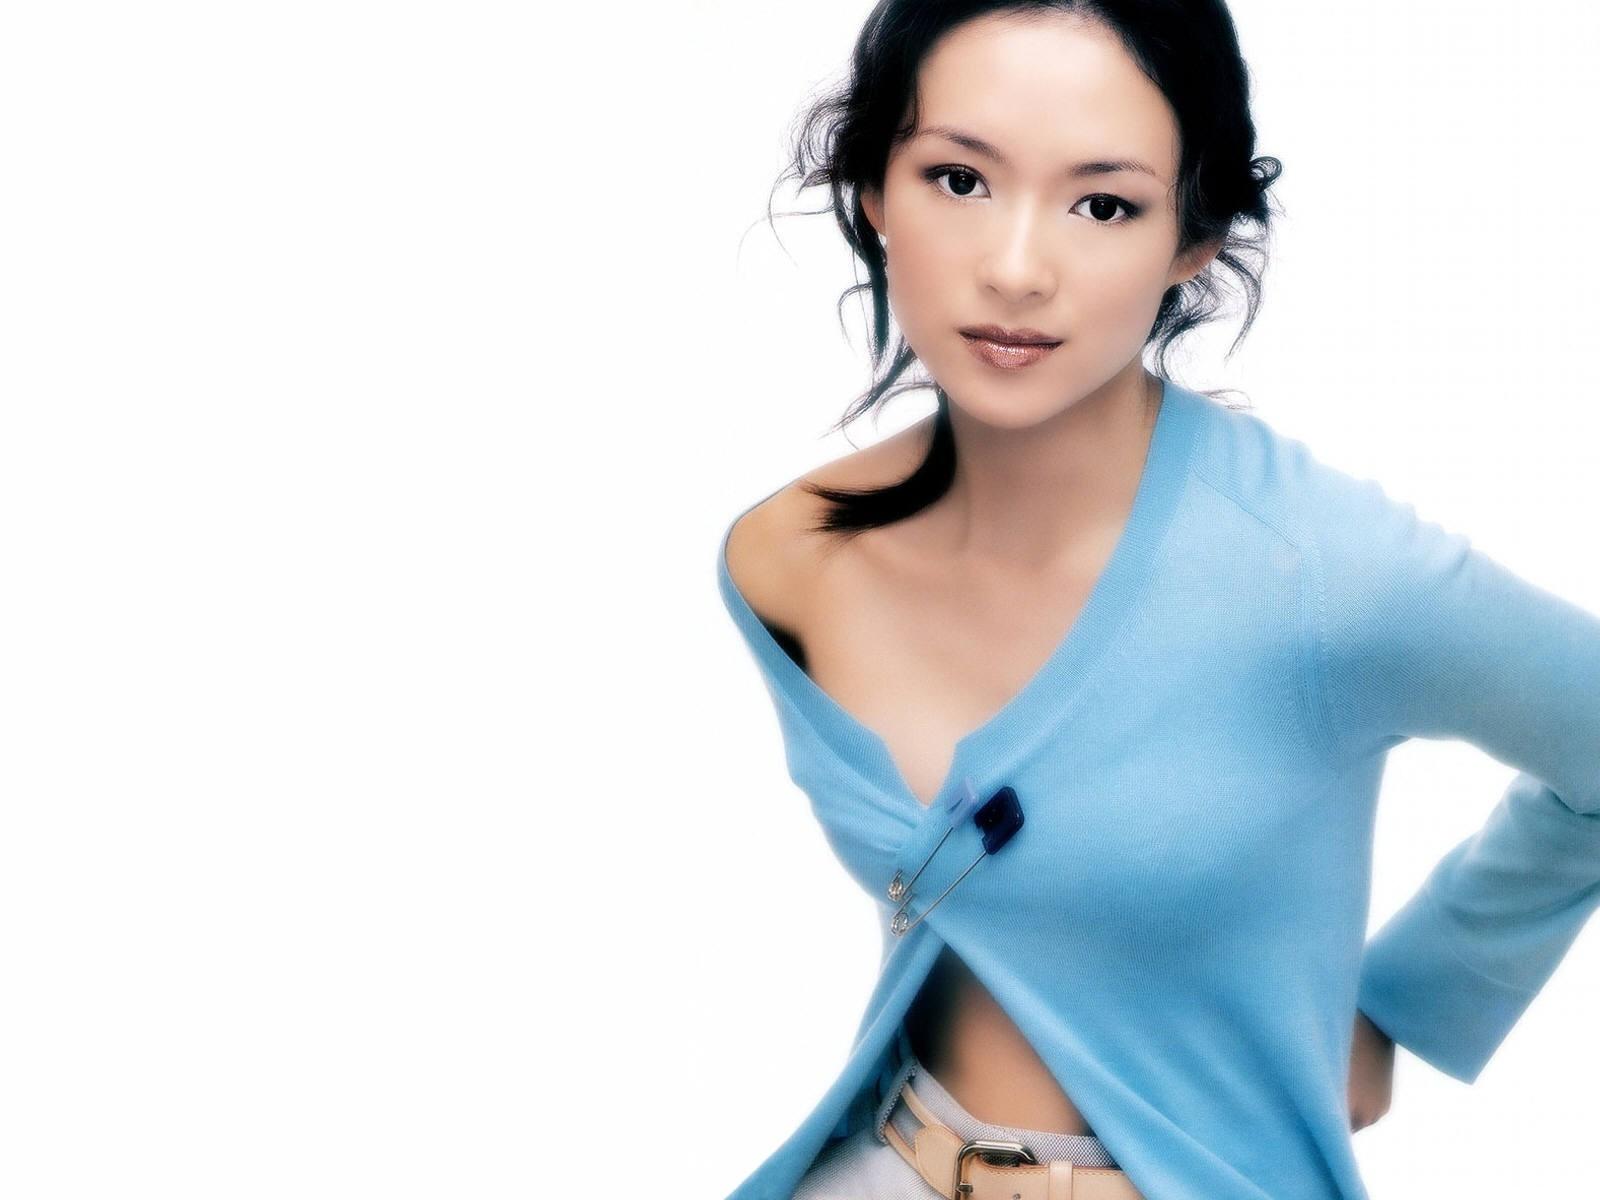 Wallpaper di Zhang Ziyi su sfondo bianco